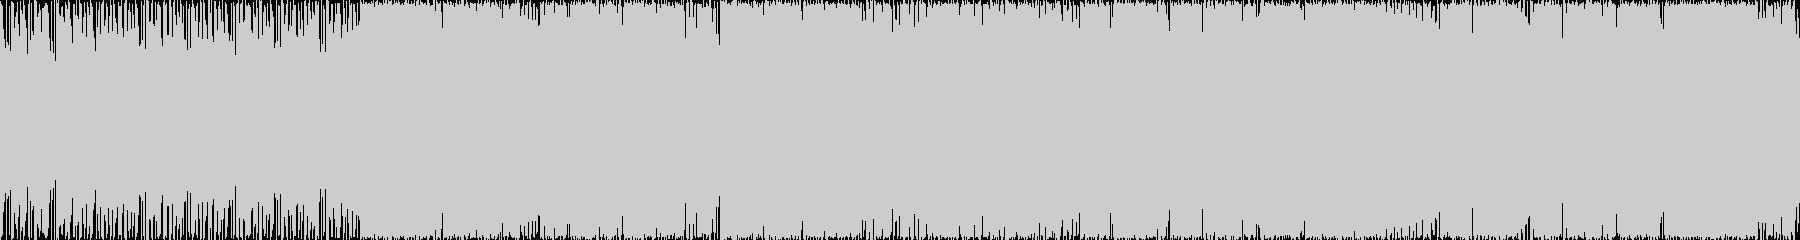 ギターのうねりとインダストリアルなFX…の未再生の波形